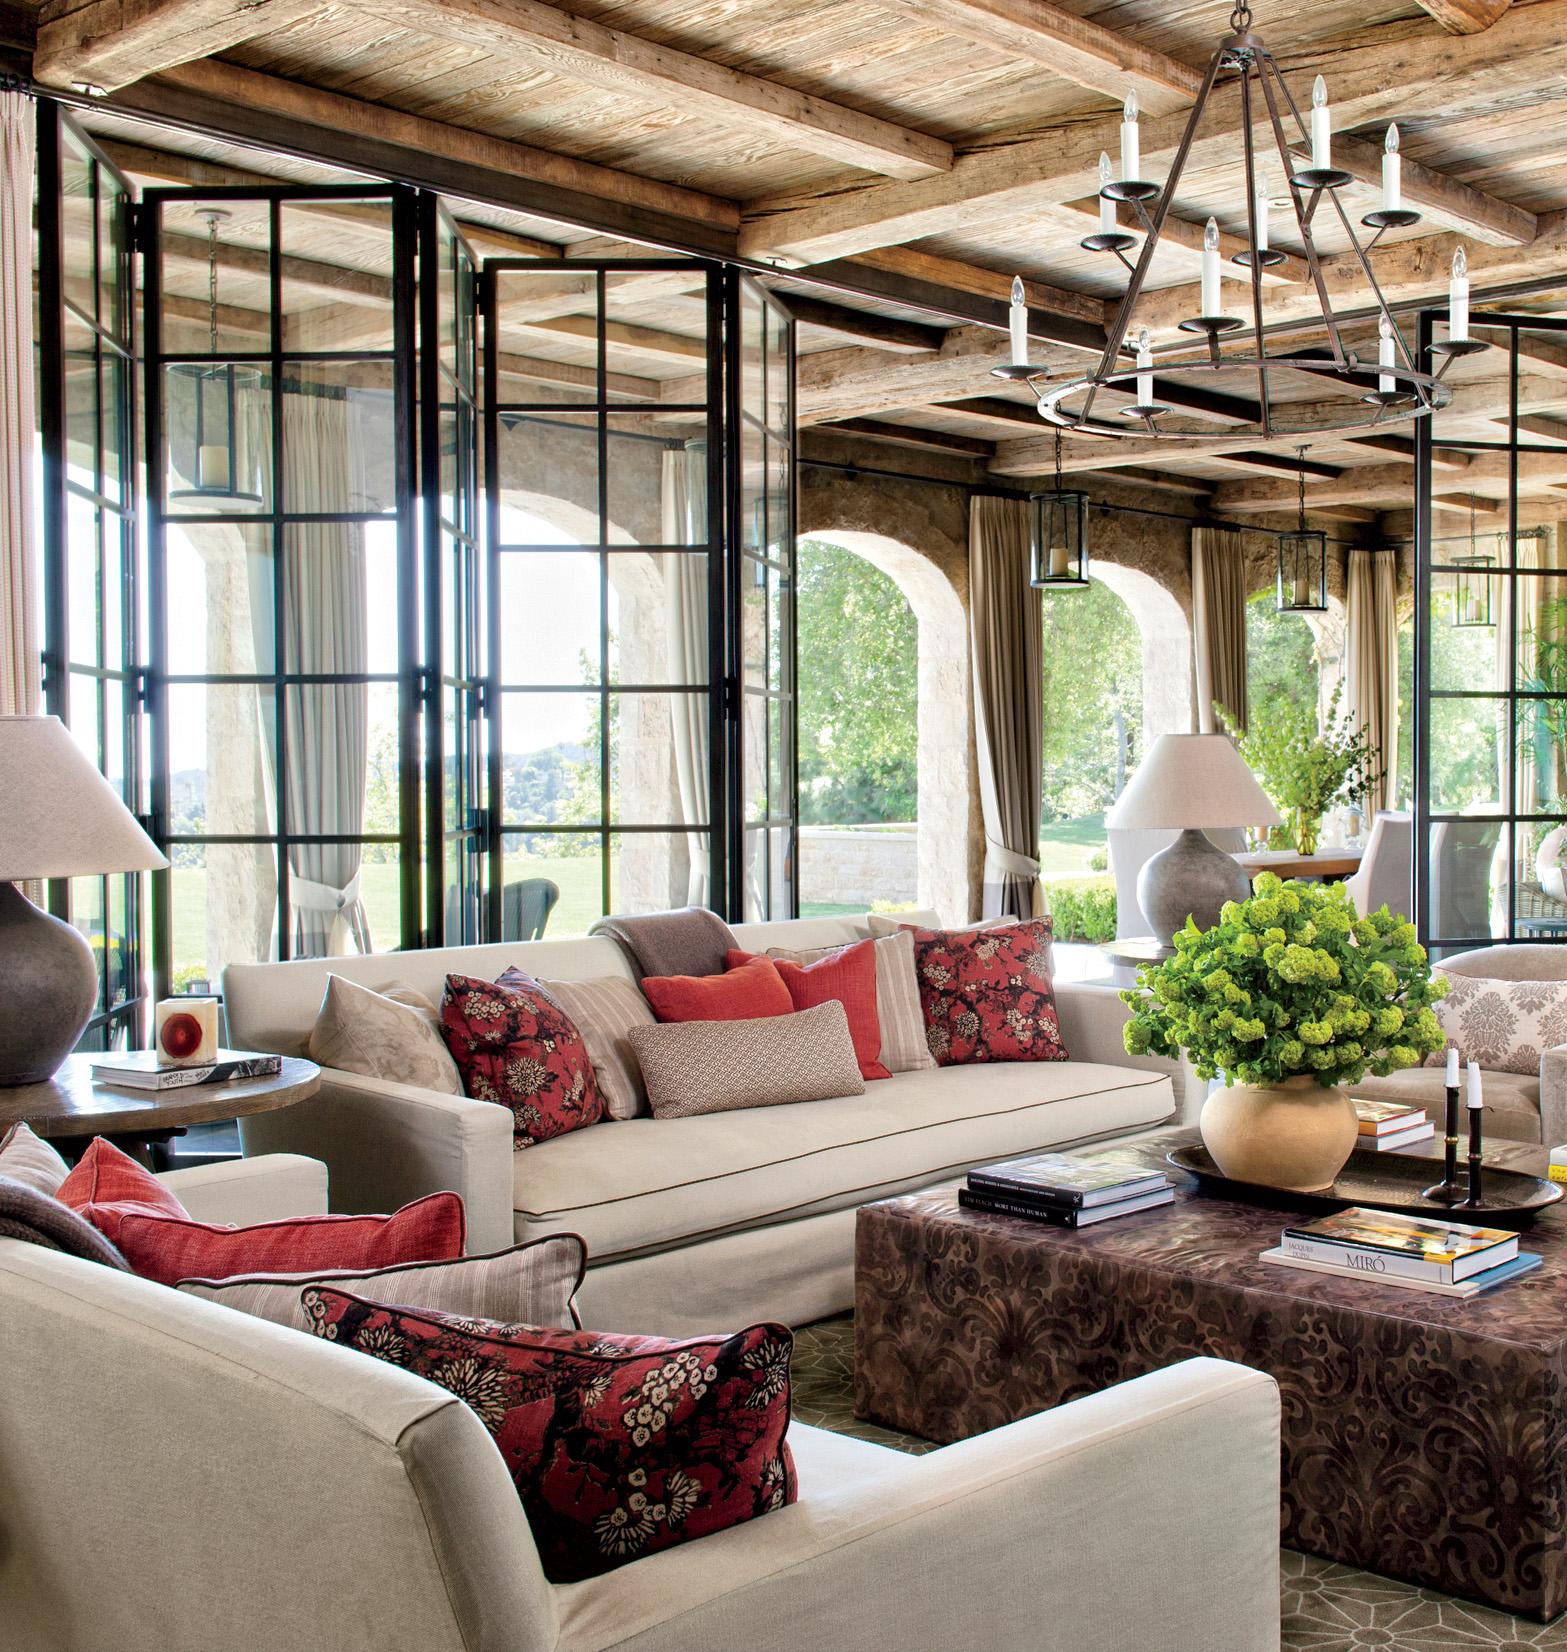 Rustic Indoor-Outdoor Space